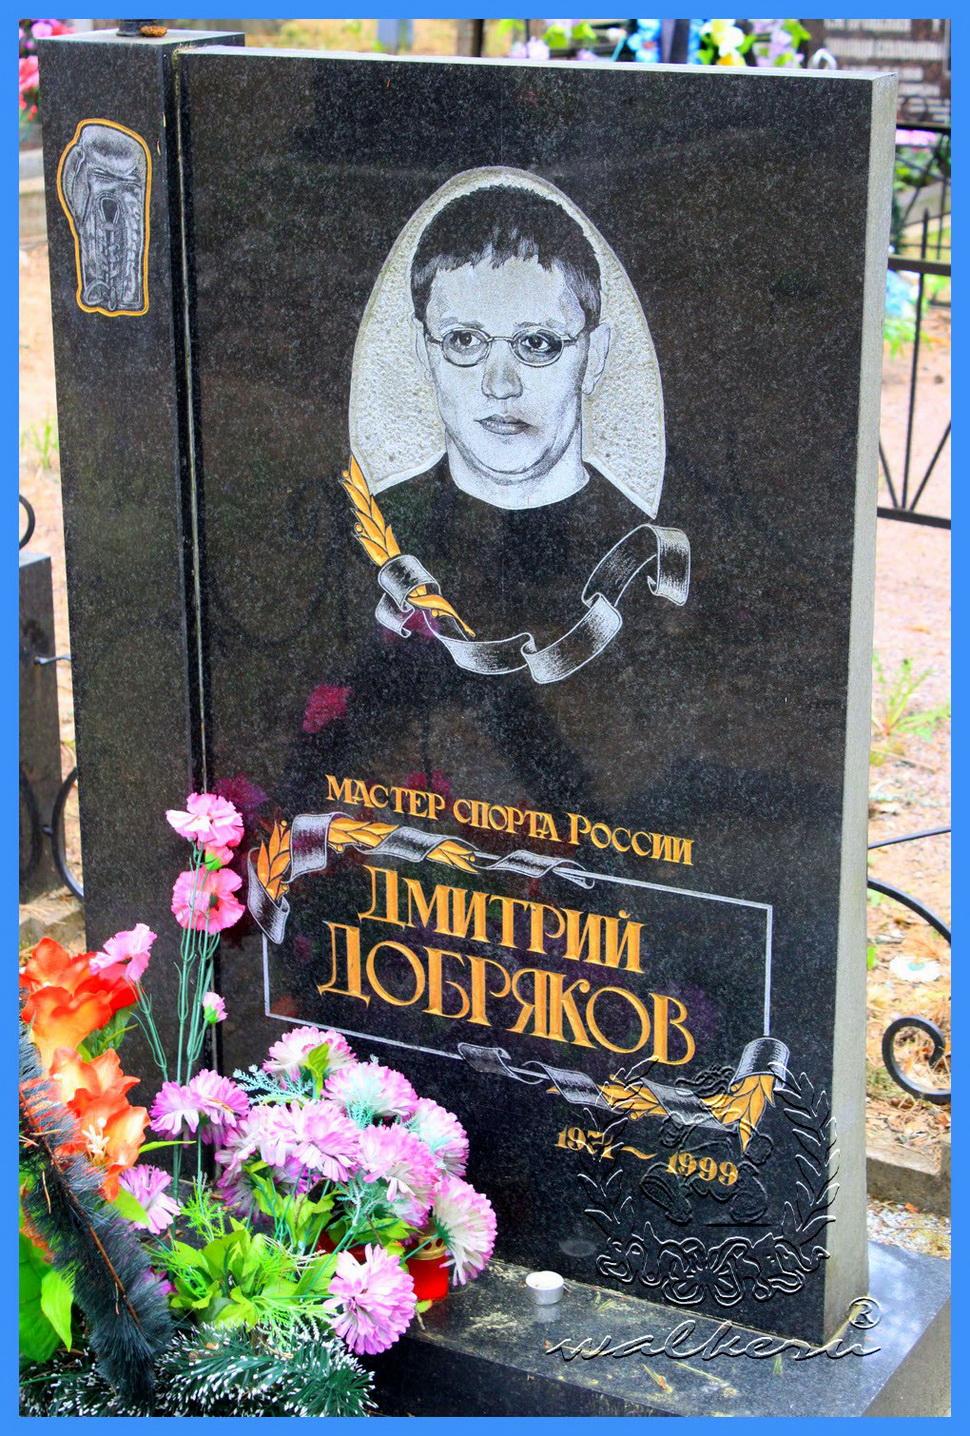 Добряков Дмитрий